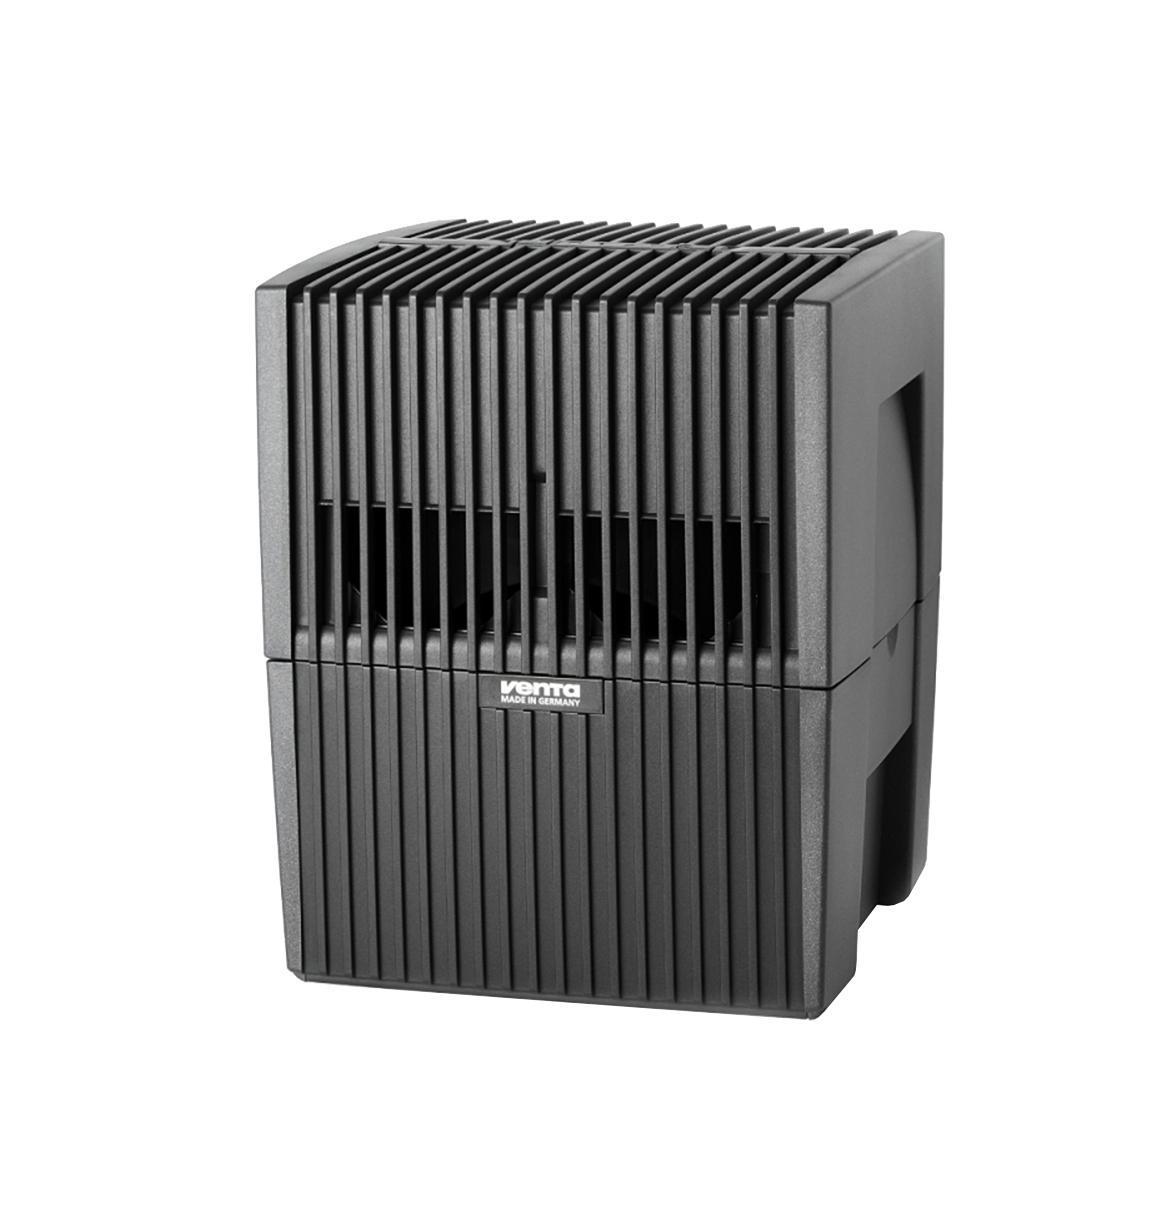 Venta LW 15, Black мойка воздухаLW 15Модель LW 15 - это увлажнитель-очиститель воздуха, который идеально подходит для небольших помещений: детских комнат, спален, кабинетов.Уникальность данной модели заключается в том, что она очень компактная и может легко разместиться даже в самом небольшом помещении при этом общая площадь пластинчатого барабана, на котором промывается воздух, составляет 1,4 м2. Это равноценно тому, чтобы установить бассейн размером 1,4 х 1 м в комнате площадью до 15-20 м2. Установка компактной модели LW 15 позволит избежать переувлажнения воздуха в помещении с небольшой площадью, что очень вероятно при эксплуатации моек воздуха других производителей, которые предлагают только одну модель на площадь до 50 м2. Модель LW 15 в белом исполнении чаще всего приобретают для помещений со светлой мебелью и полами (например, паркет из клена, дуба, карельской сосны). В комплект входят 2 флакона гигиенической добавки.